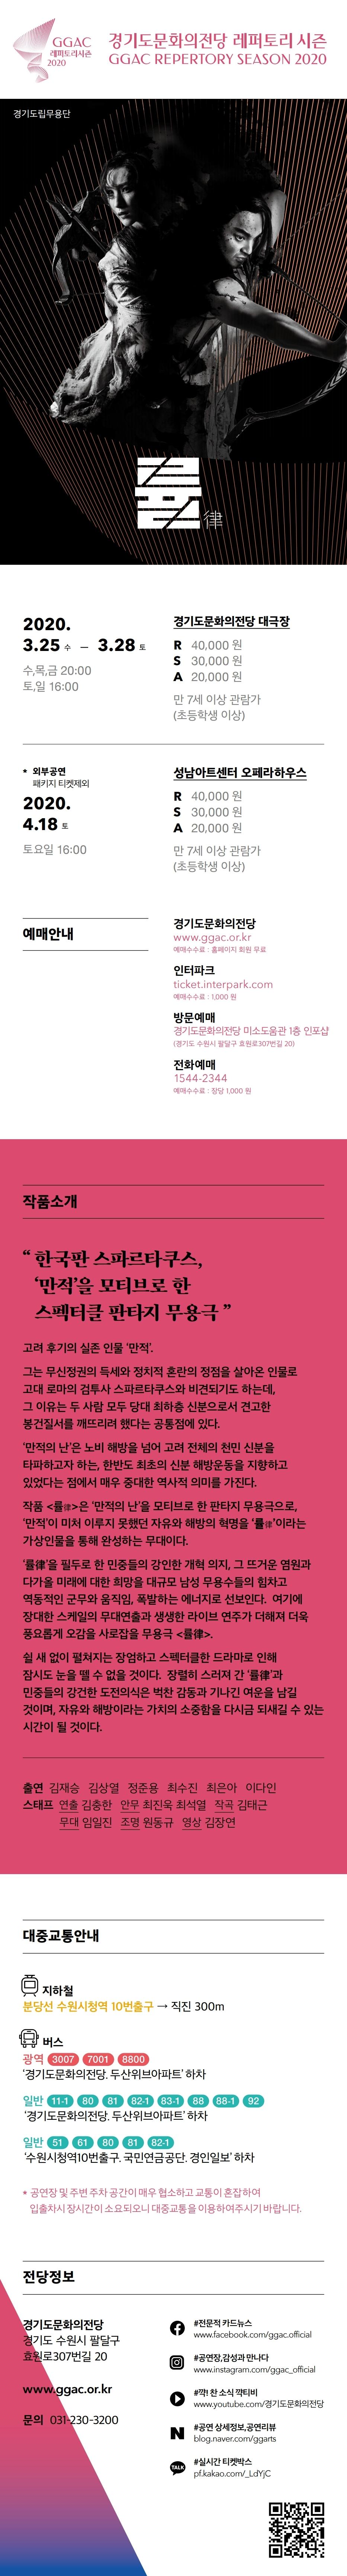 경기도립무용단 <률(律)> - 2020 레퍼토리 시즌